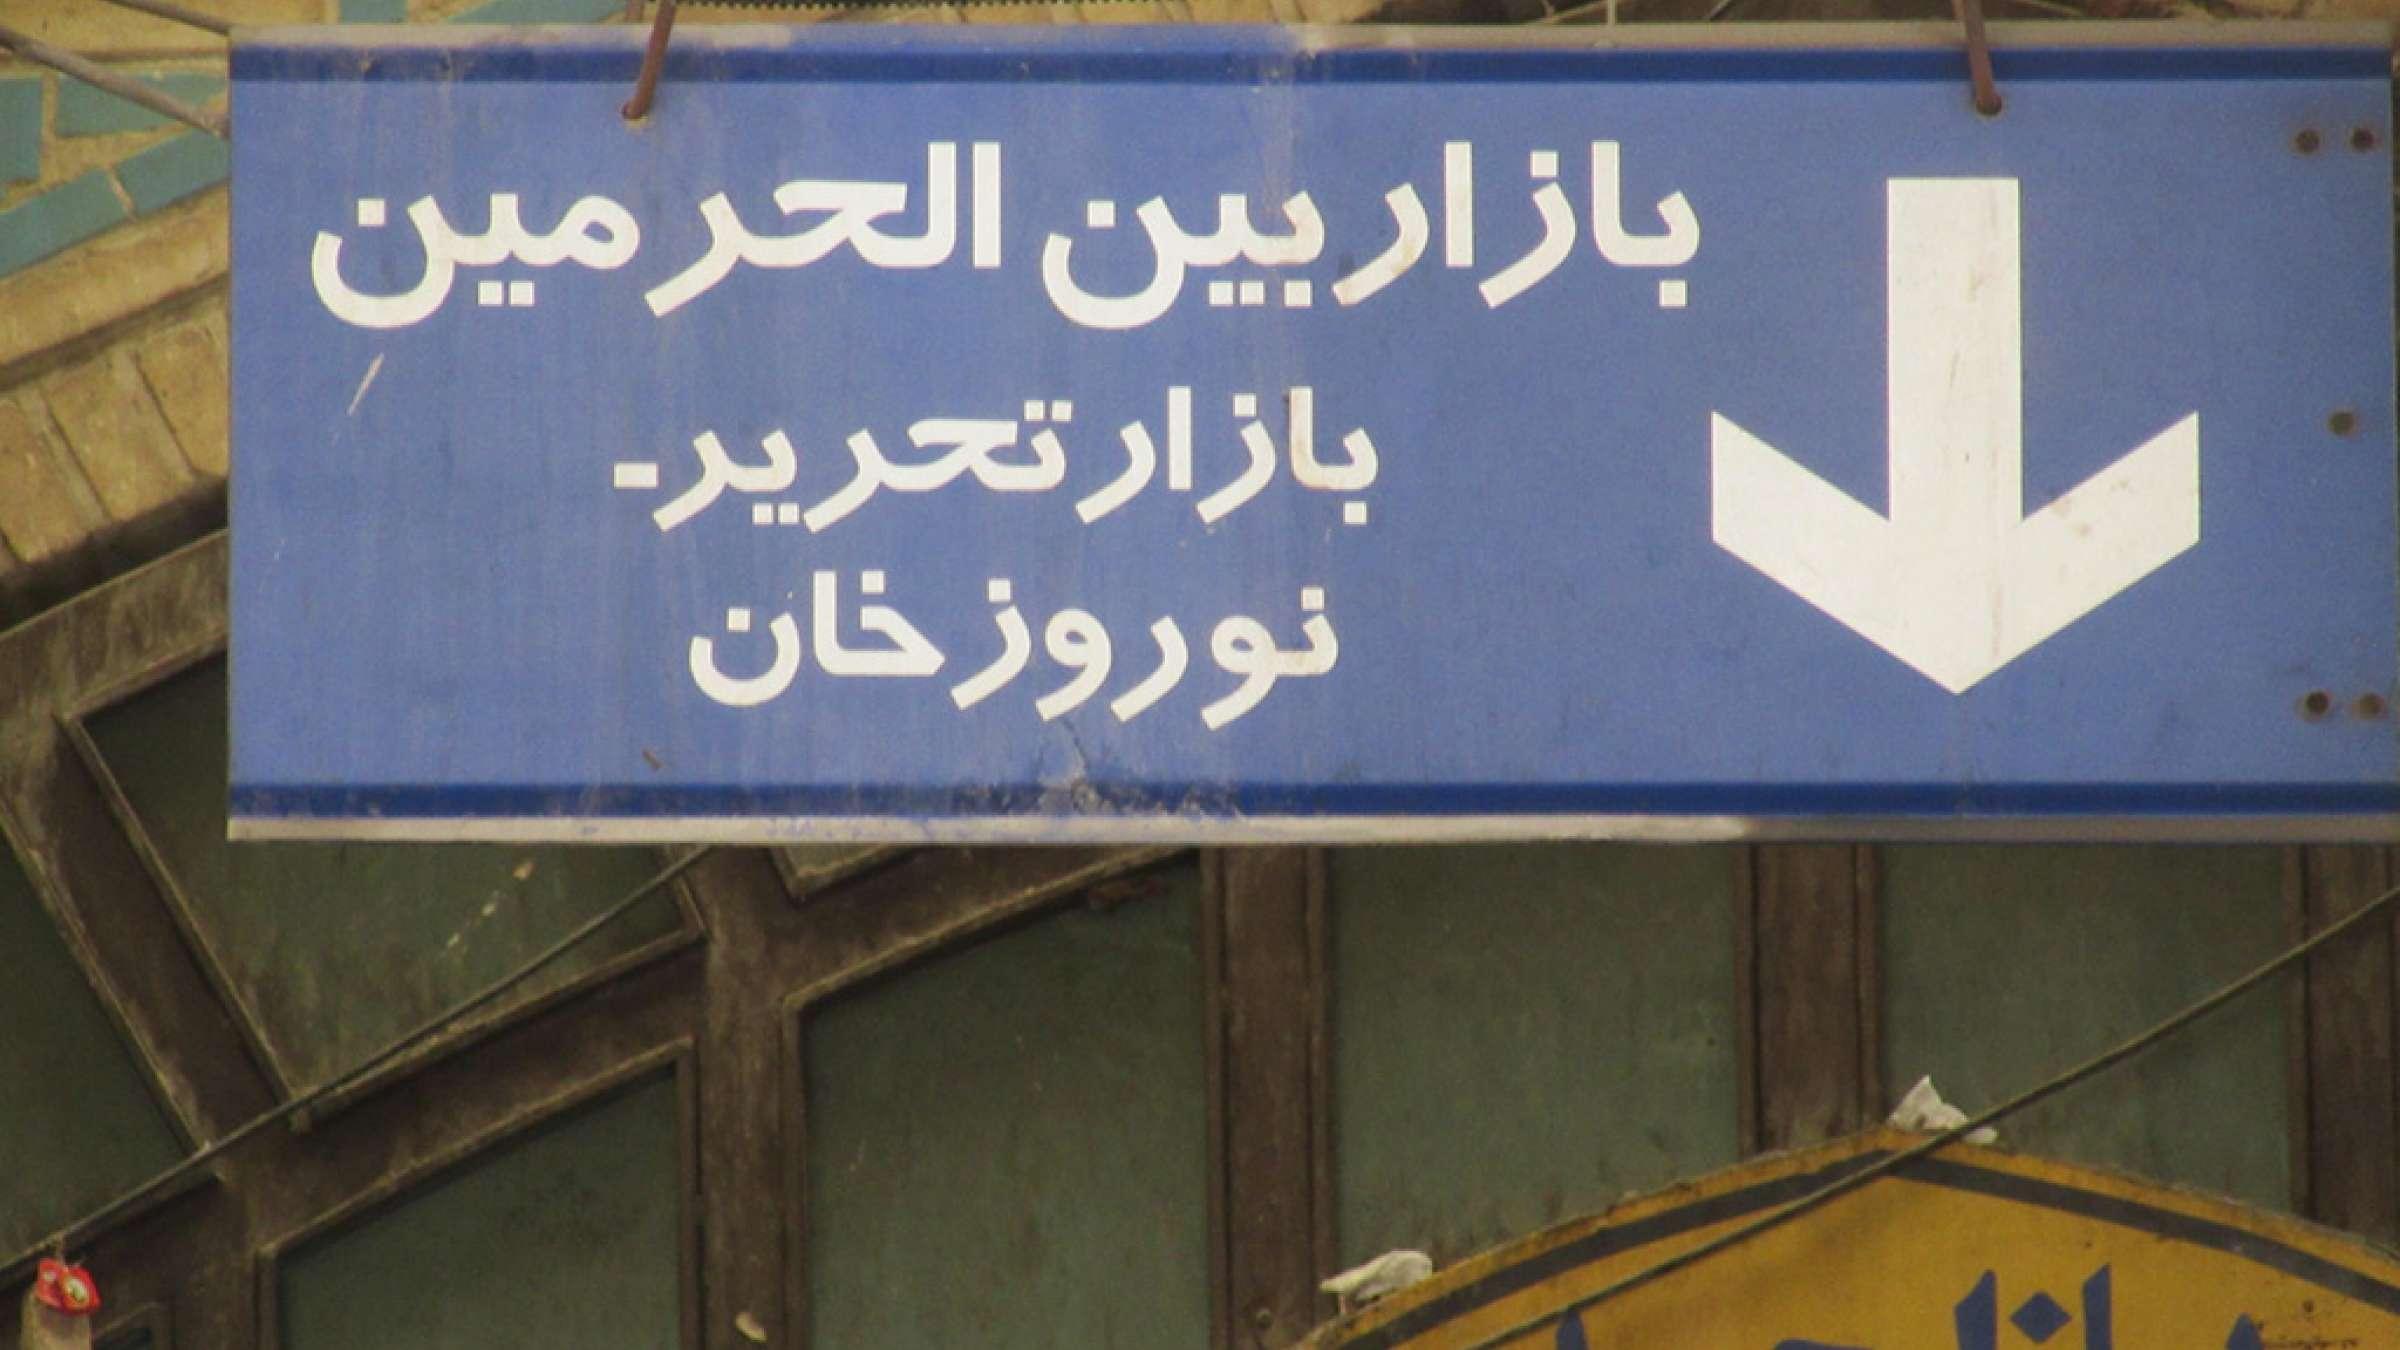 ادبیات-گلمحمدی-با-من-به-بازار-تهران-بیایید-بازار-بینالحرمین